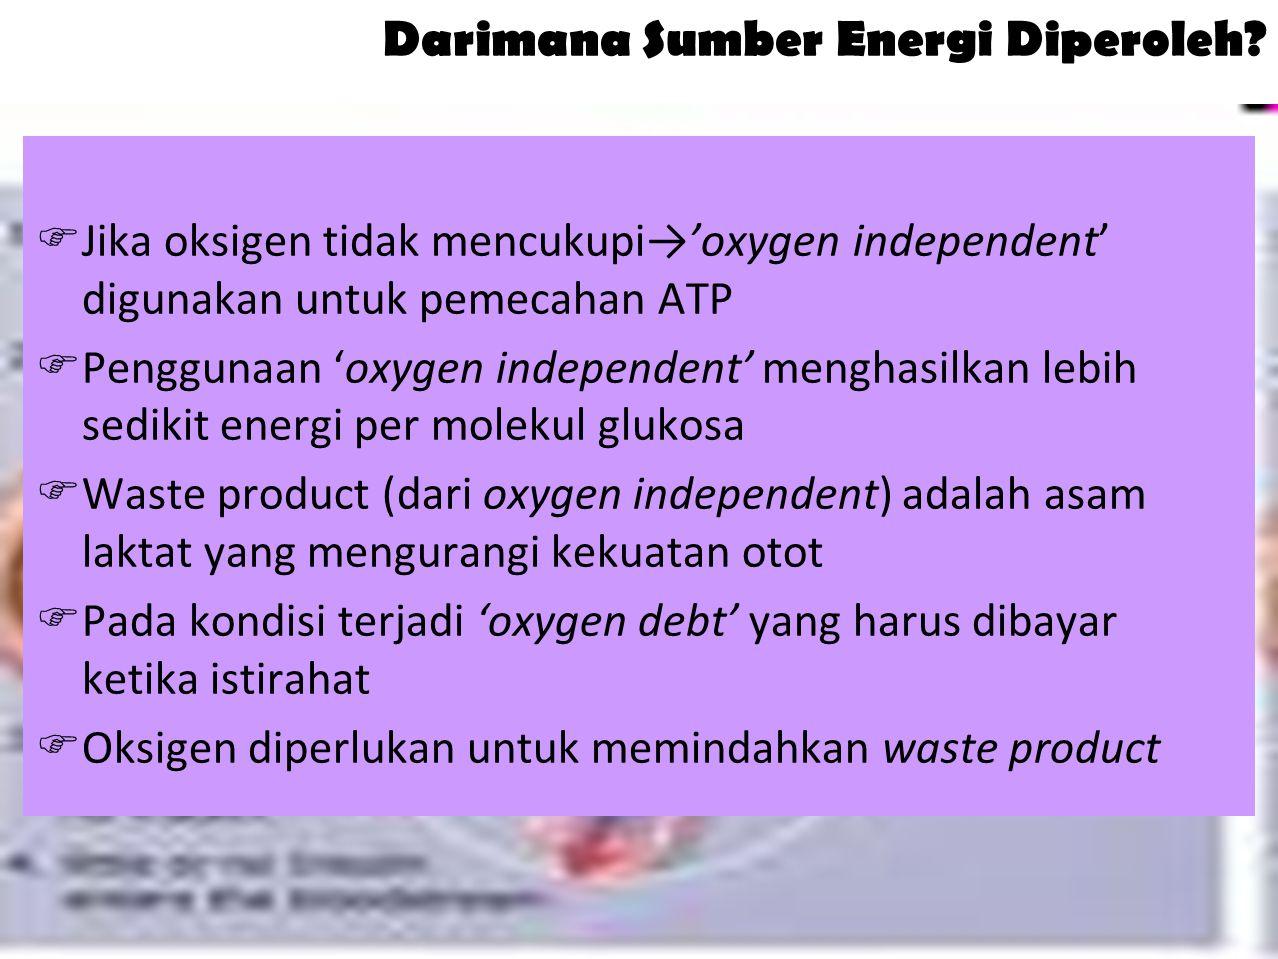 8 Darimana Sumber Energi Diperoleh.